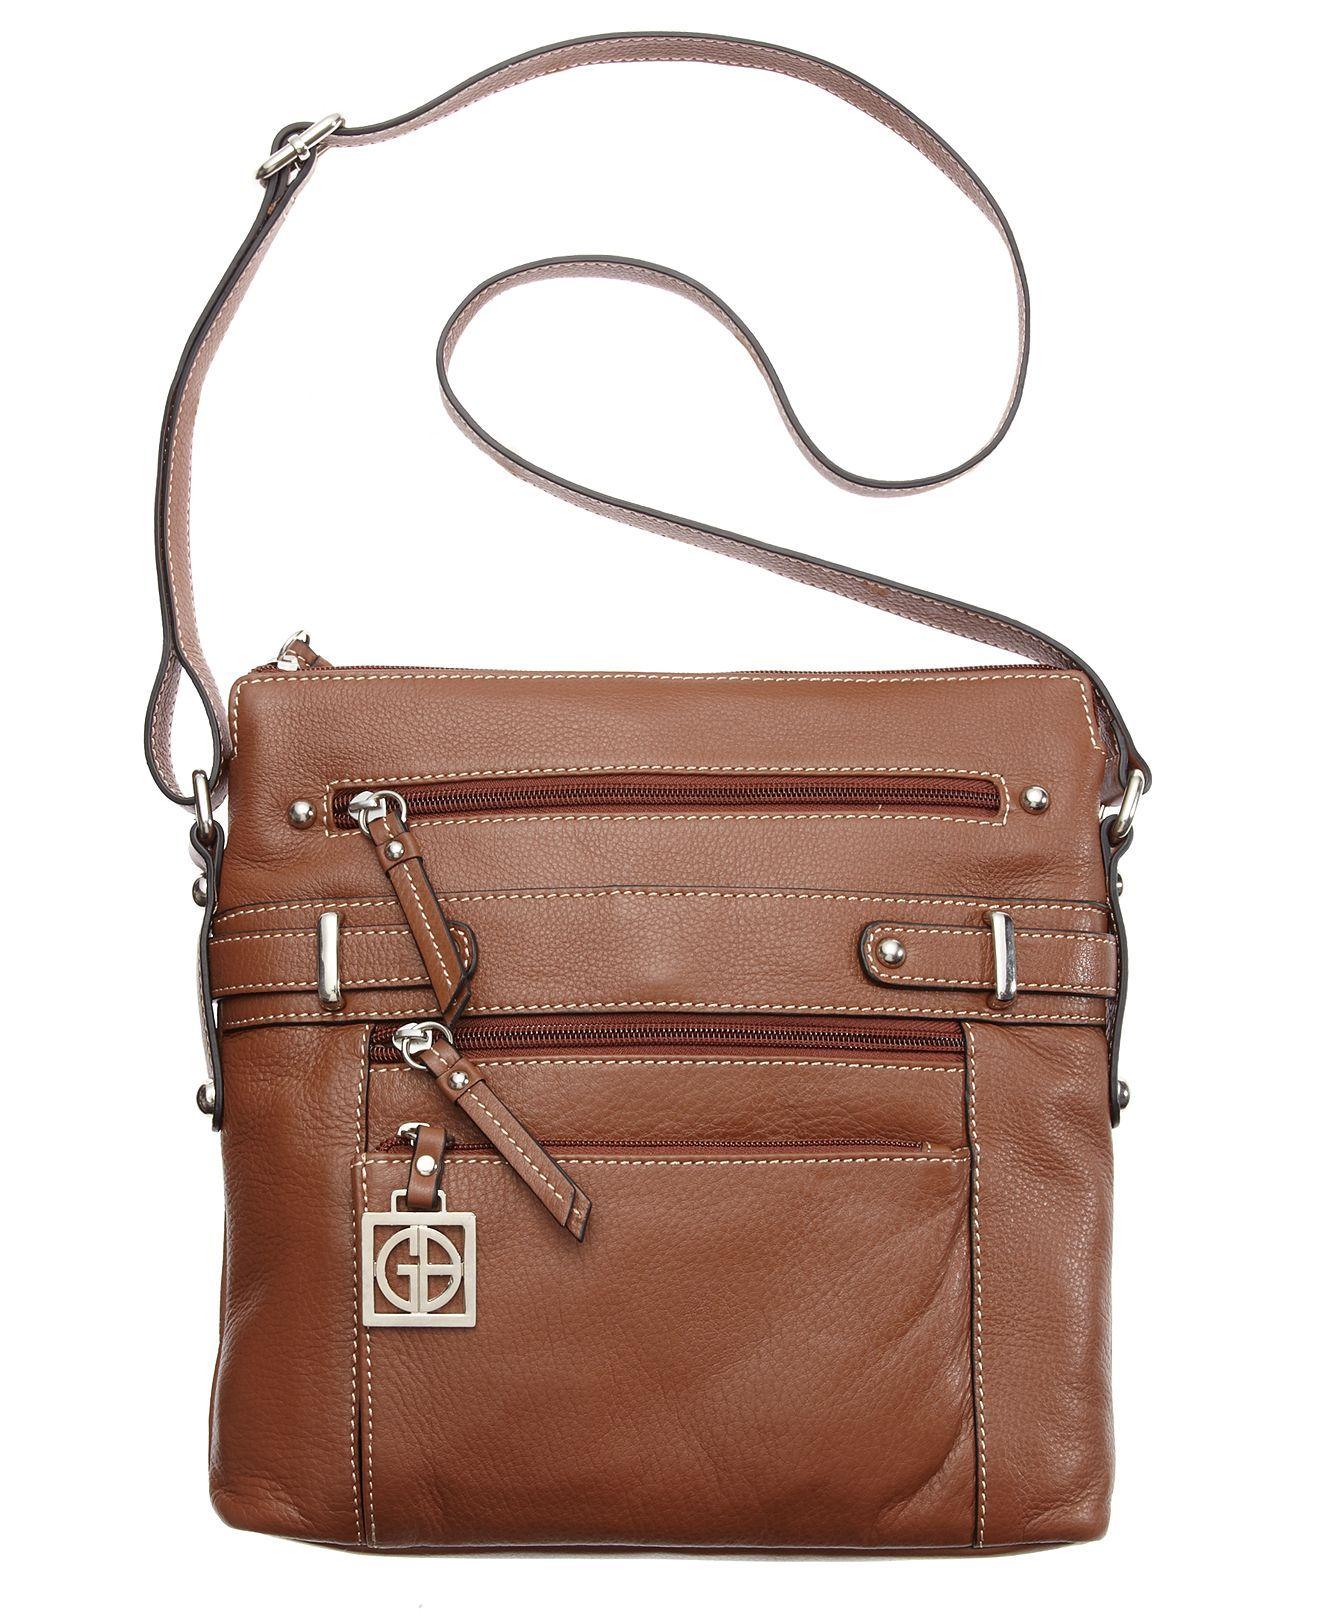 77d7fe101 Giani Bernini Handbag, Pebble Multi Zip Pocket Crossbody Bag - Crossbody &  Messenger Bags - Handbags & Accessories - Macy's